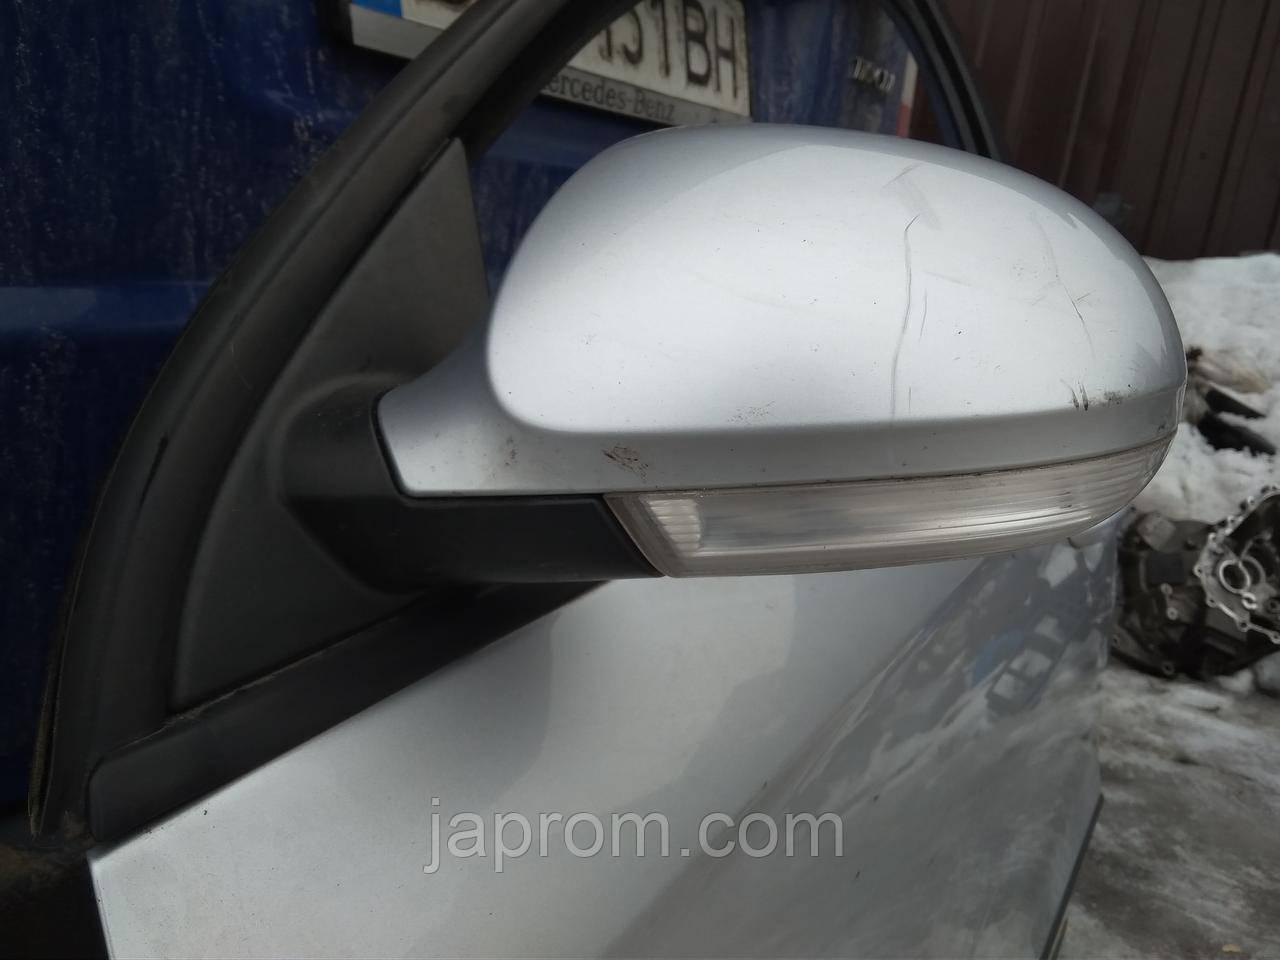 Зеркало заднего вида левое Volkswagen Passat B6 2005-2010г.в. универсал серебро